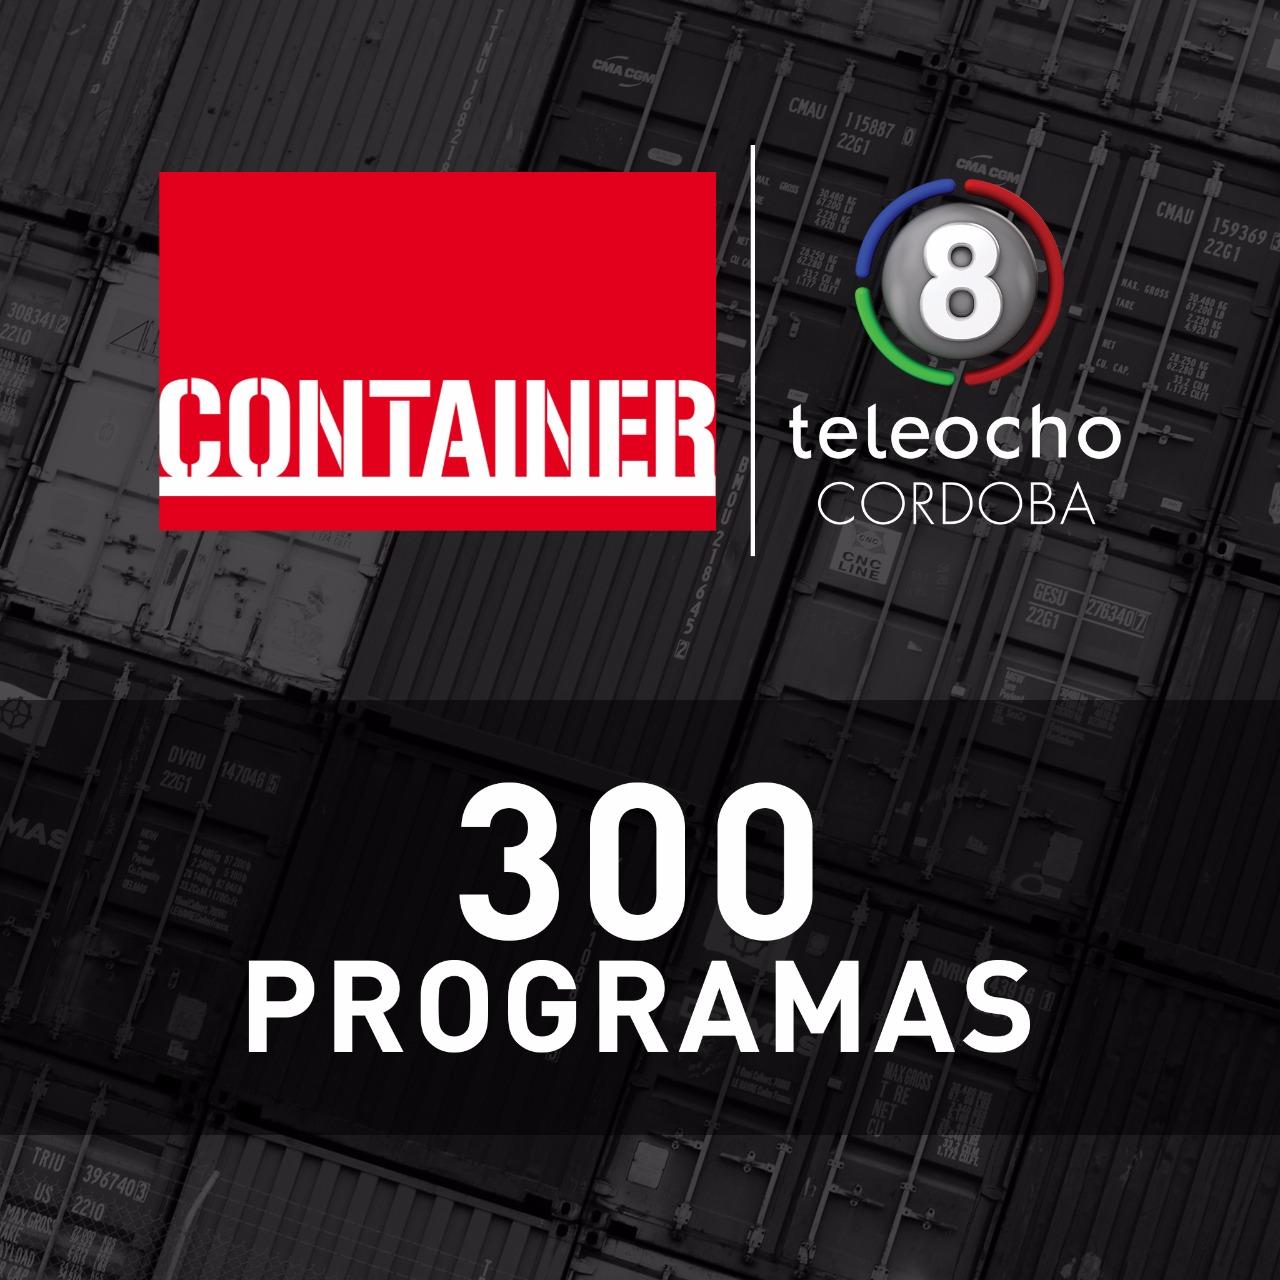 CONTAINER cumple 300 programas y proyecta nuevos formatos